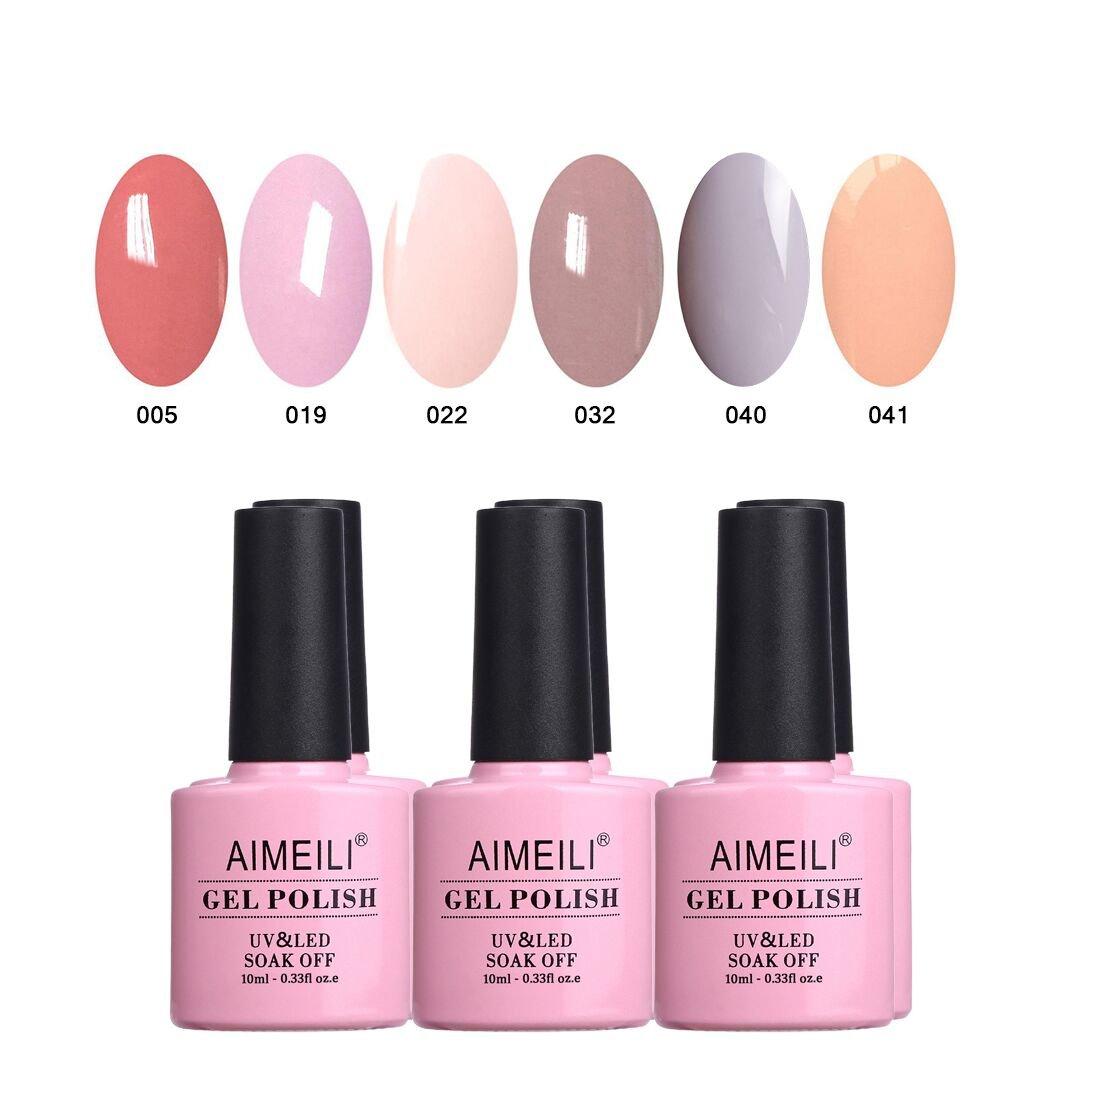 AIMEILI Pastel Nude Gel Nail Polish Set Soak Off UV LED Gel Polish Multicolour/Mix Colour/Combo Colour Of 6pcs X 10ml - Gift Kit 22